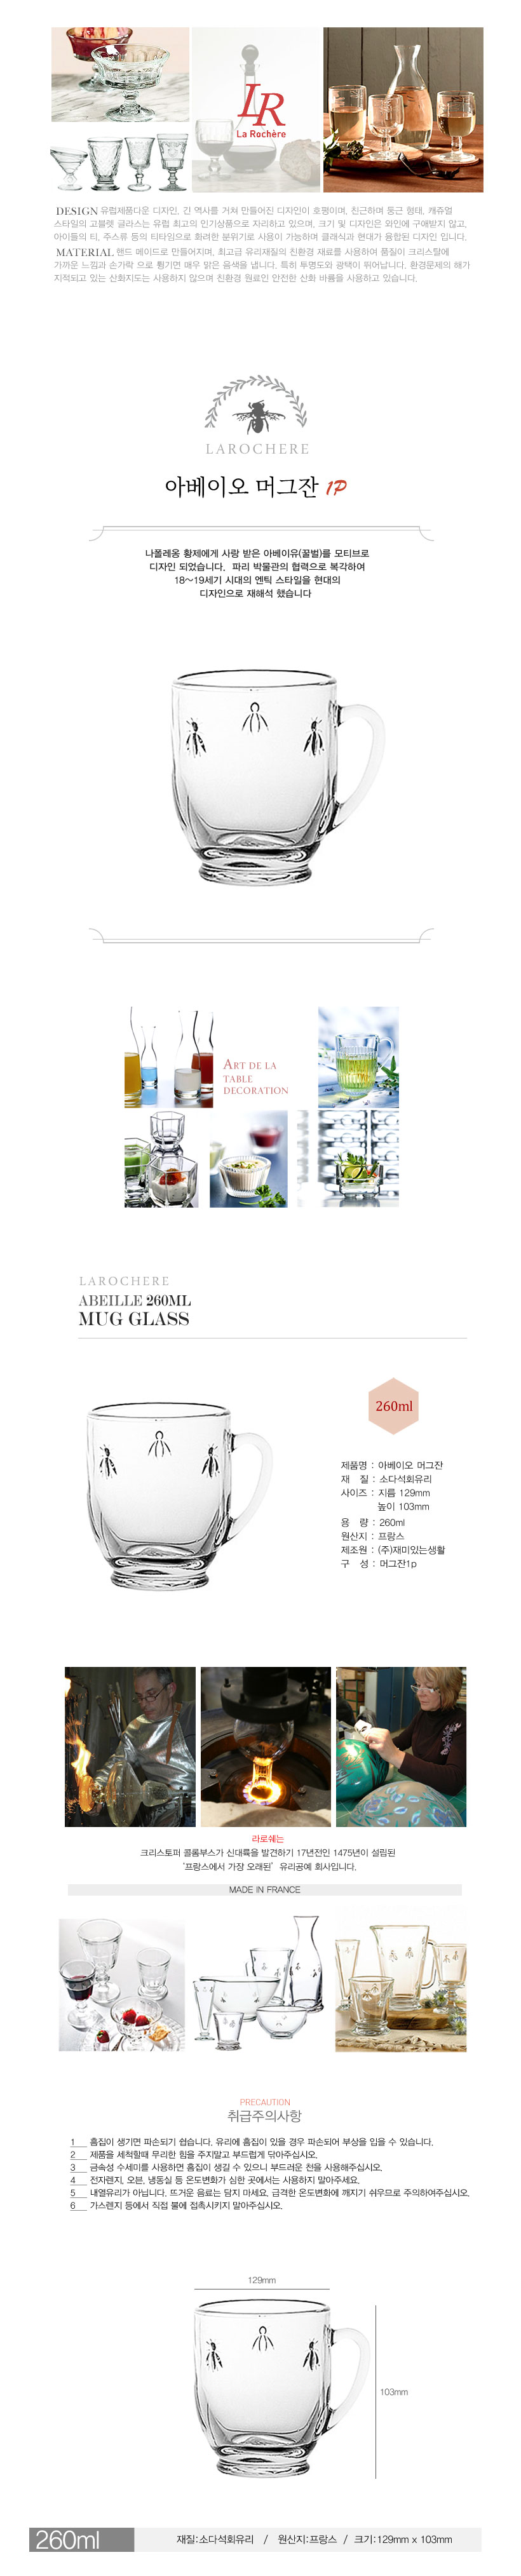 라로쉐 아베이오(꿀벌) 머그잔 1p - 재미있는생활, 25,000원, 머그컵, 패턴머그